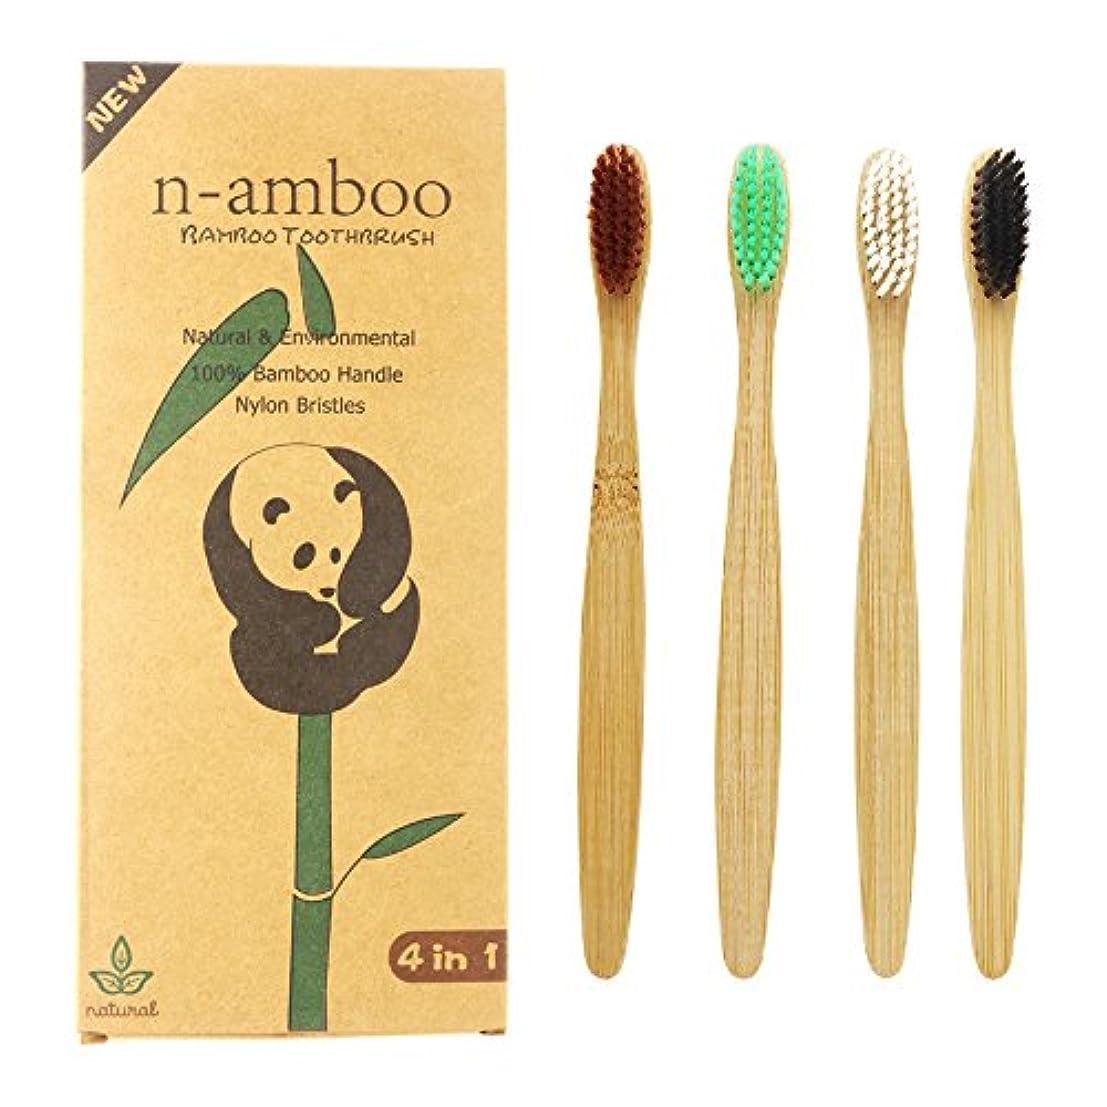 趣味堂々たる爵N-amboo 竹製 歯ブラシ 高耐久性 4種類 4色セット エコ 軽量 4本入りセット